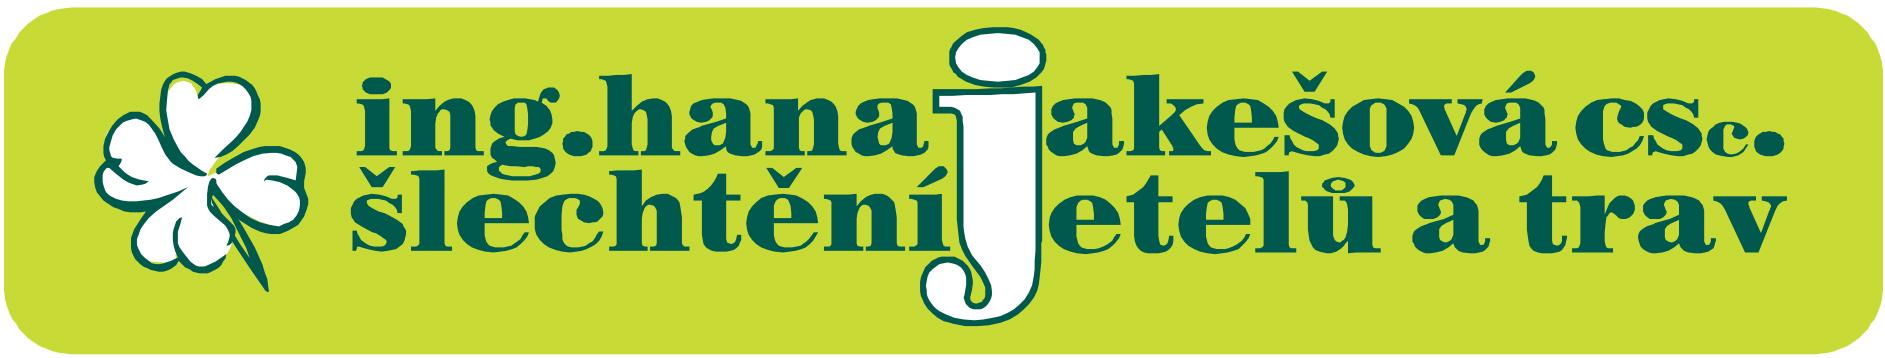 Jetele.cz